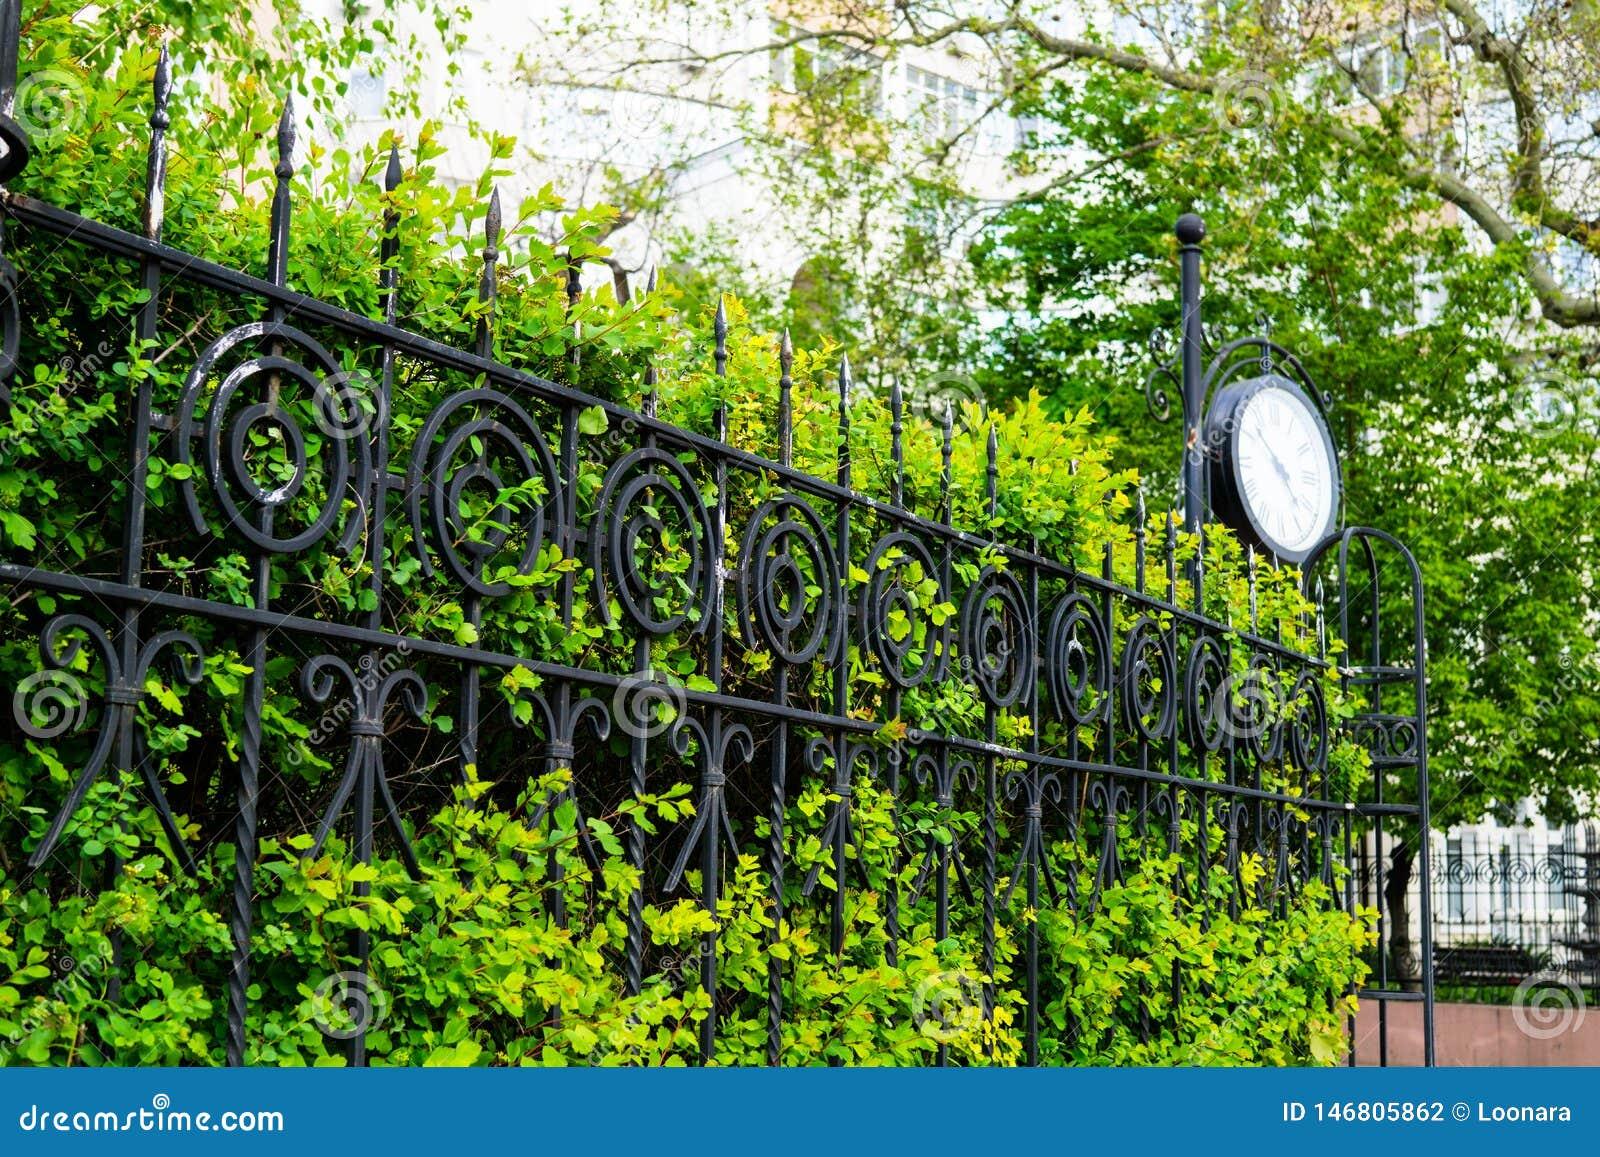 Piękny zielony żywopłot, ogrodzenie z roślinami w wiośnie